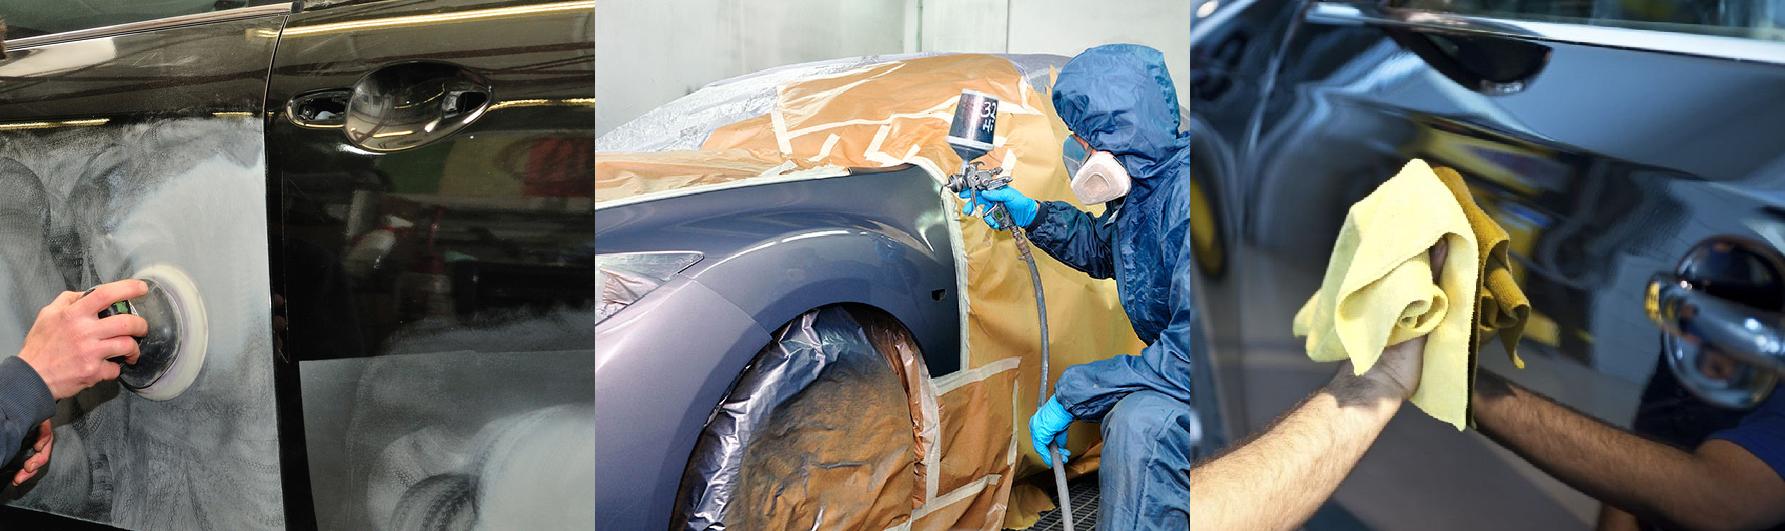 Tres pasos para pintar un carro: lijar, pintar, pulir